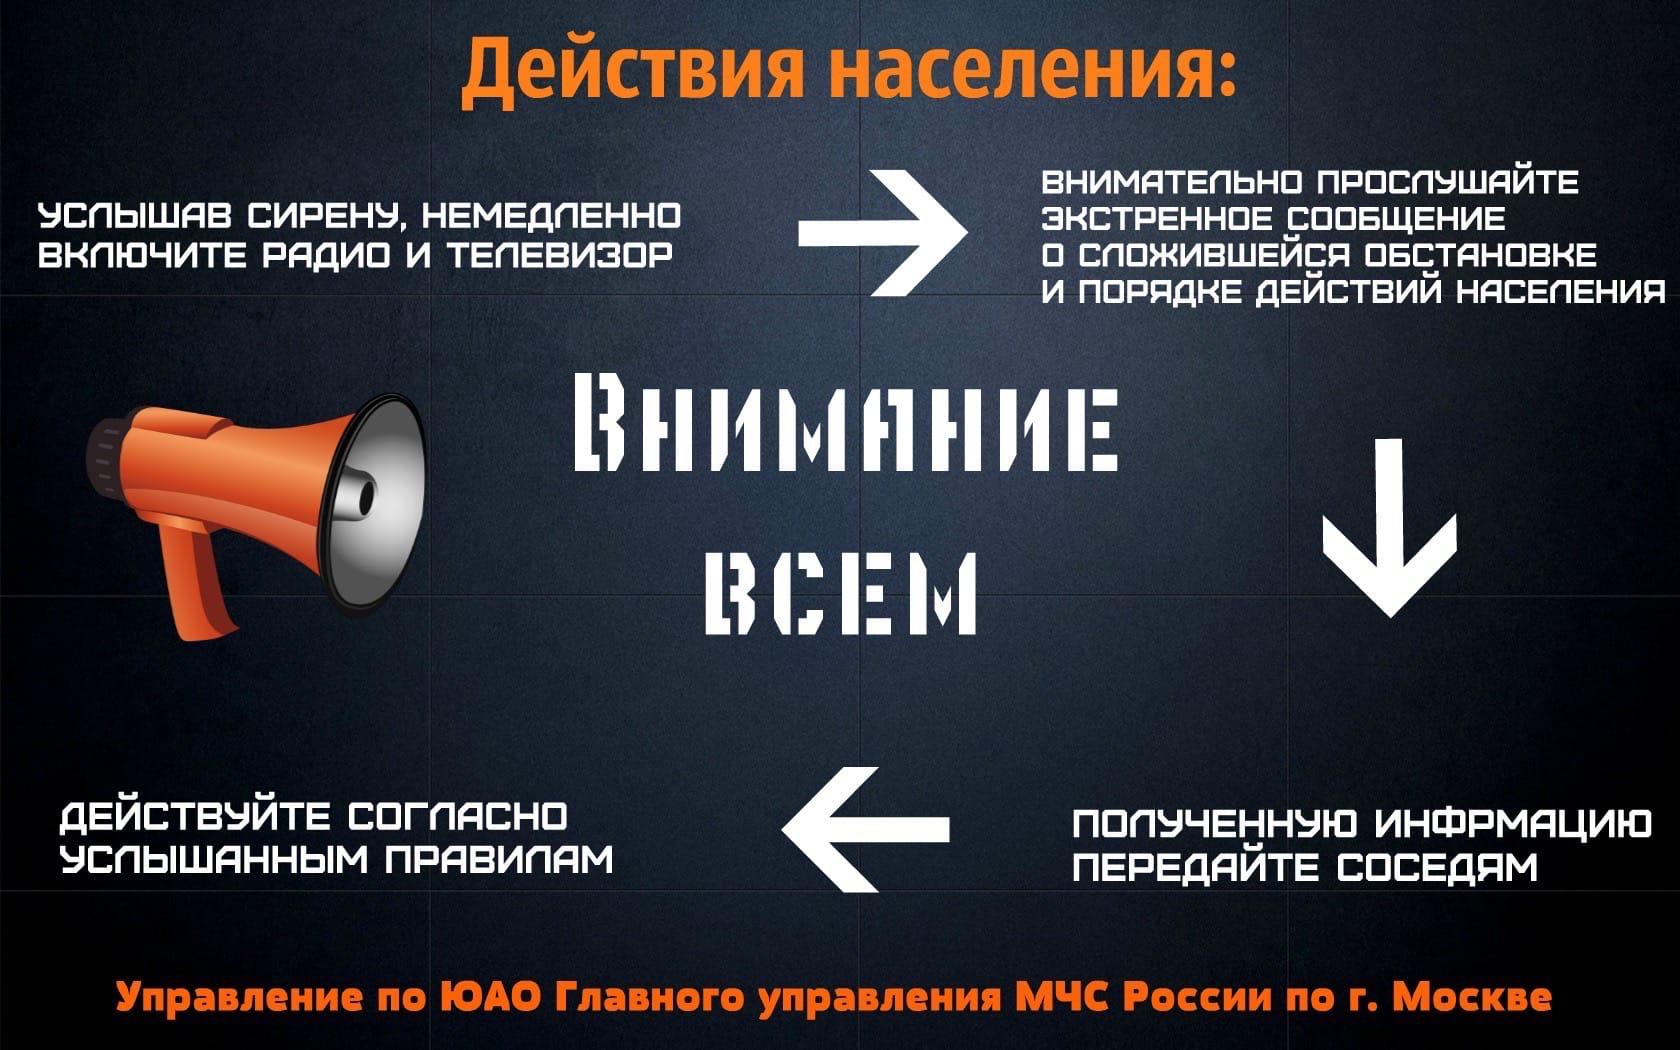 Управление по ЮАО Главного управления МЧС Россиипо Москве информирует